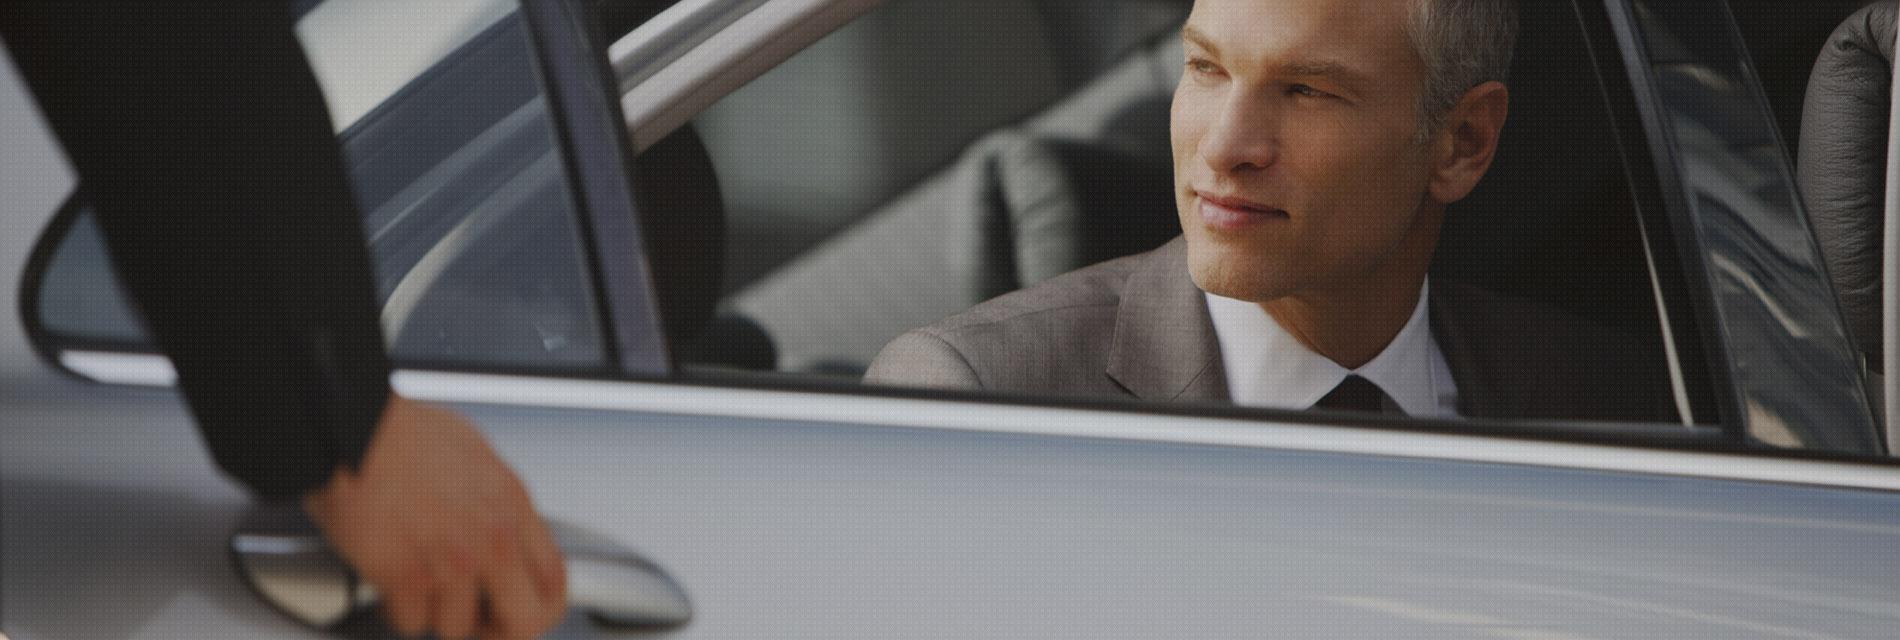 Société de transport de personnes – Navette Aéroport – Transport avec chauffeur